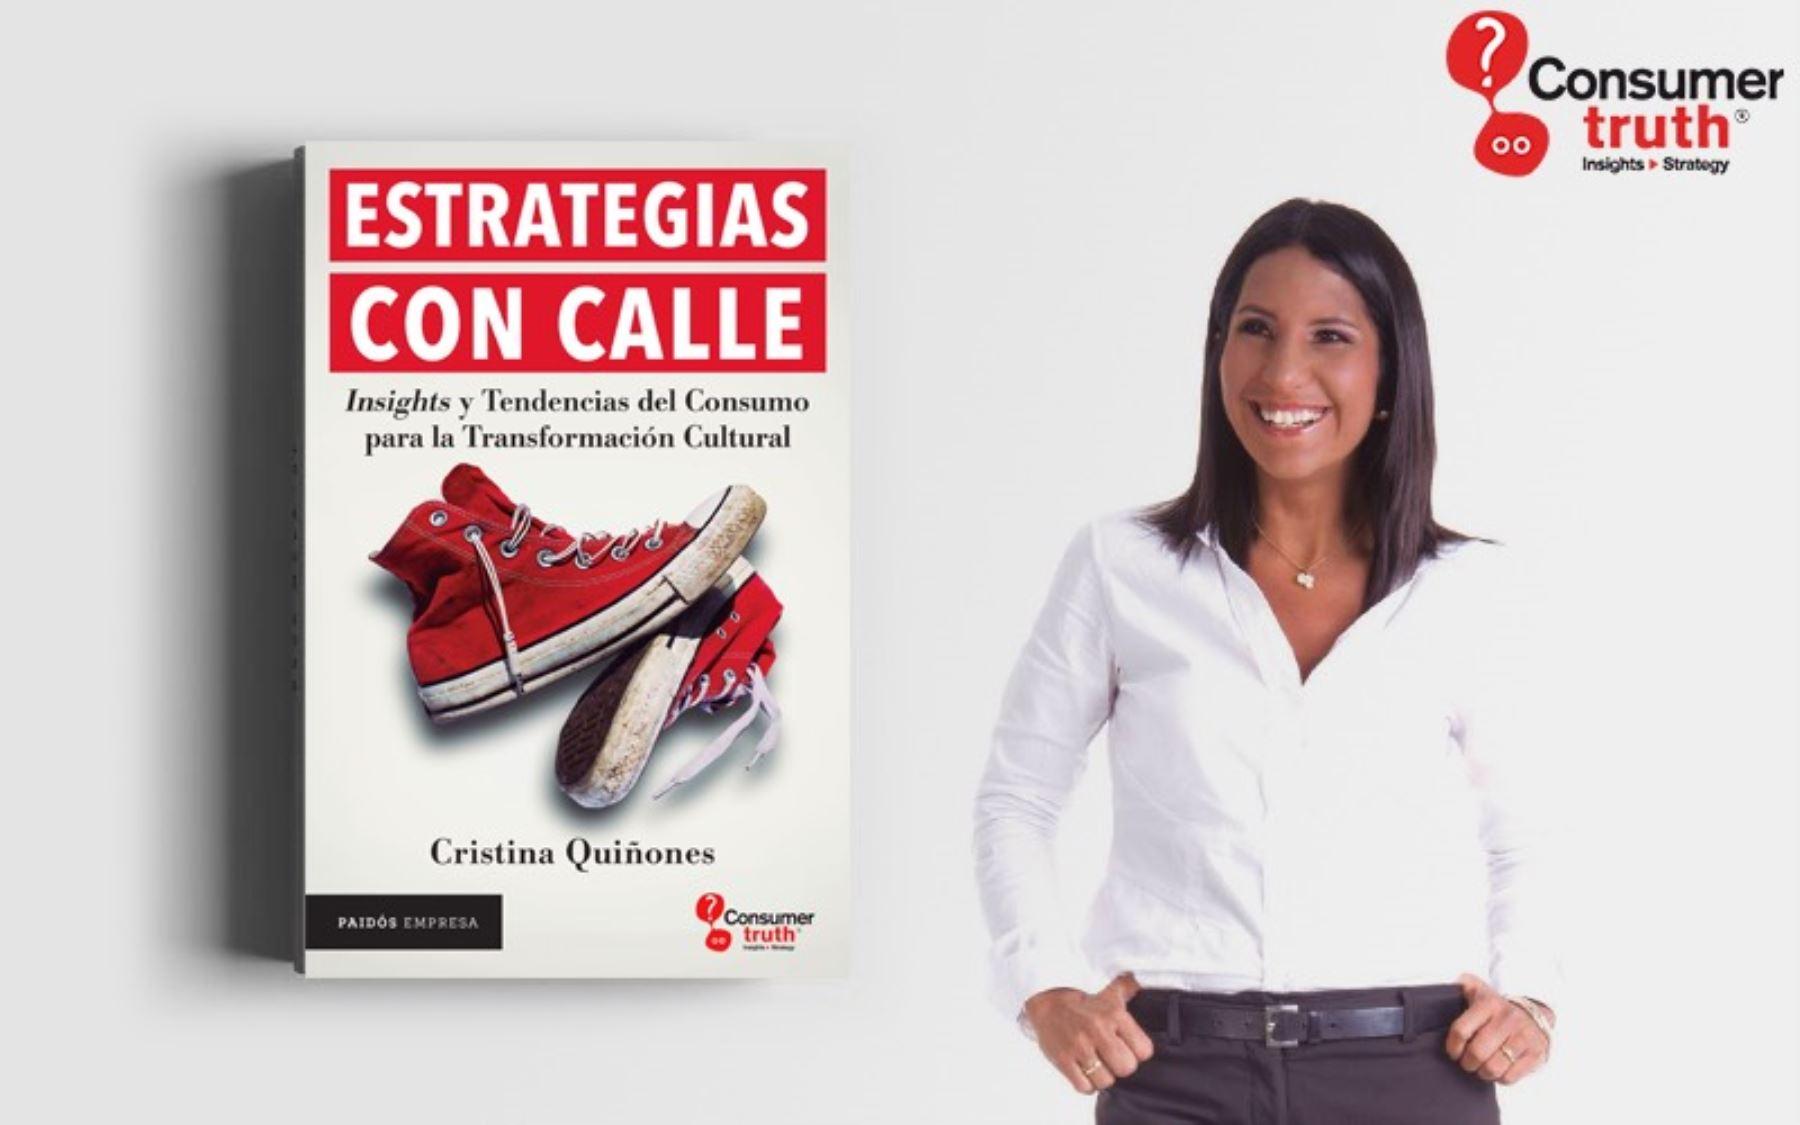 Publicista Cristina Quiñones.